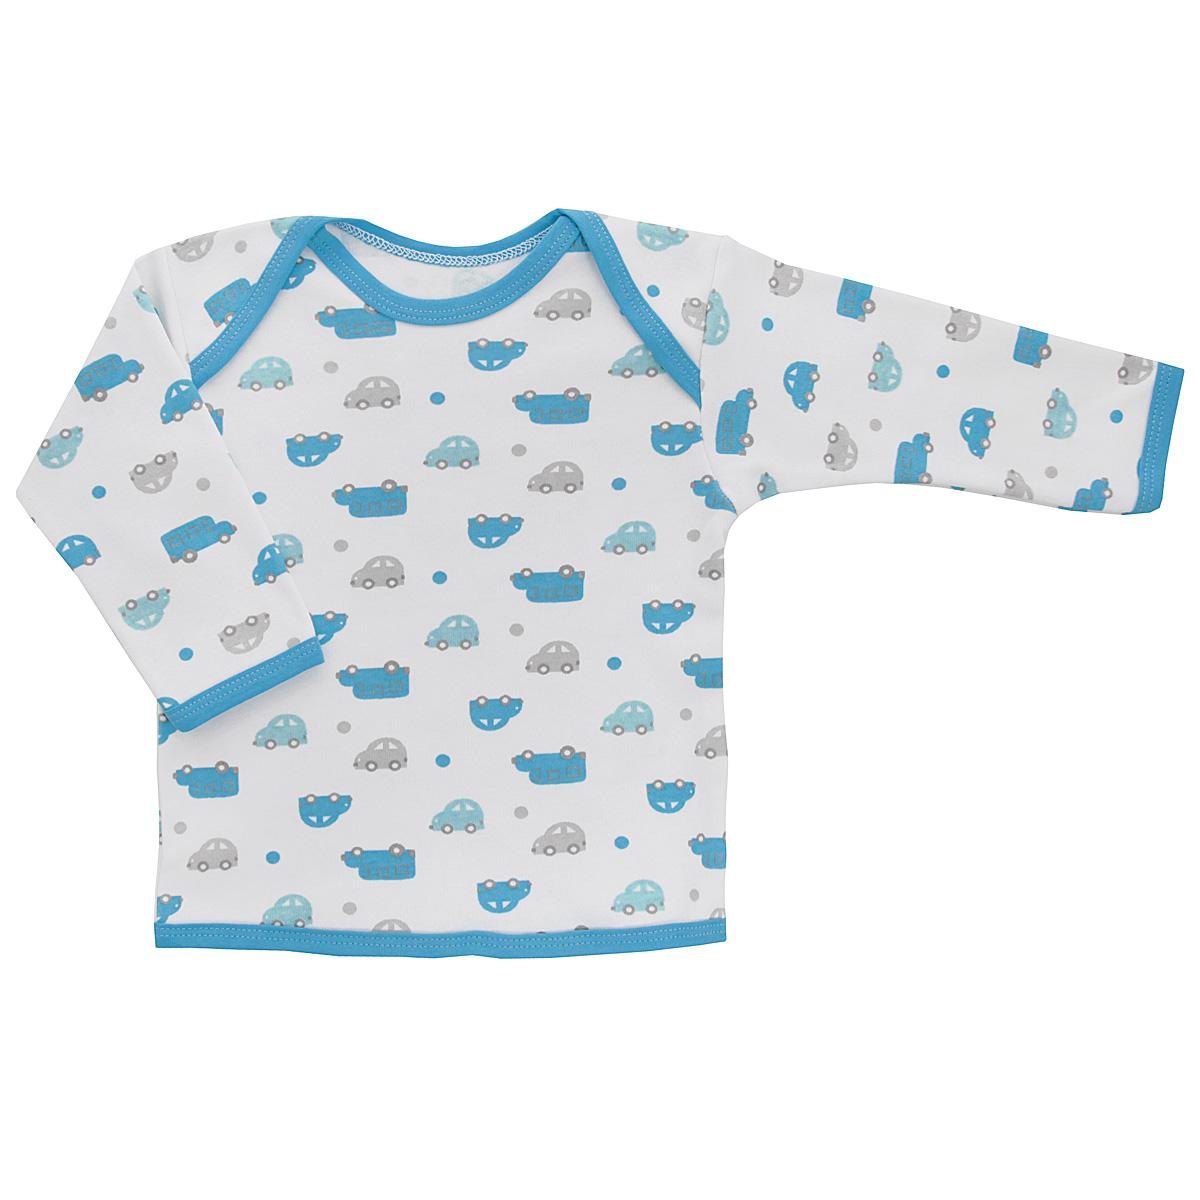 Футболка с длинным рукавом для мальчика Трон-плюс, цвет: белый, голубой. 5611_машинки. Размер 74, 9 месяцев5611_машинкиУдобная футболка для мальчика Трон-плюс с длинными рукавами послужит идеальным дополнением к гардеробу вашего ребенка, обеспечивая ему наибольший комфорт. Изготовленная из интерлока - натурального хлопка, она необычайно мягкая и легкая, не раздражает нежную кожу ребенка и хорошо вентилируется, а эластичные швы приятны телу ребенка и не препятствуют его движениям. Удобные запахи на плечах помогают легко переодеть младенца. Горловина, низ модели и низ рукавов дополнены трикотажной бейкой. Спинка модели незначительно укорочена. Оформлено изделие принтом с изображениями машинок. Футболка полностью соответствует особенностям жизни ребенка в ранний период, не стесняя и не ограничивая его в движениях.